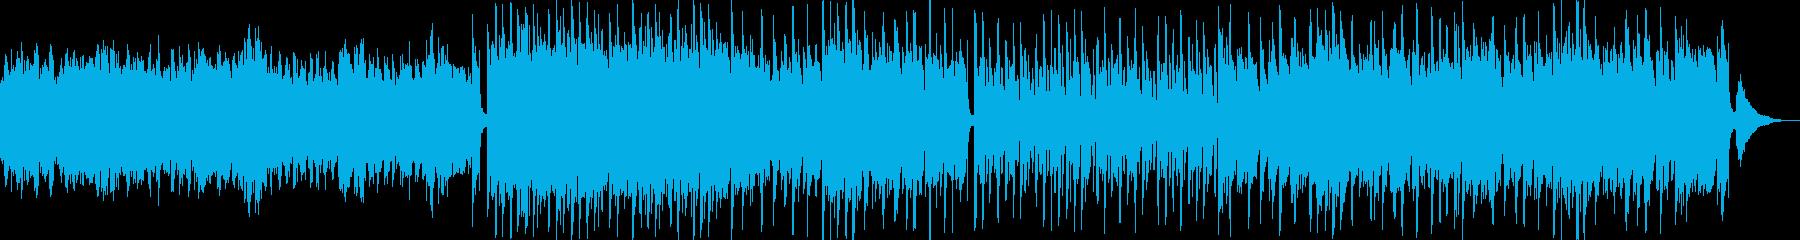 メルヘン、子供や優しい映像のアコギBGMの再生済みの波形